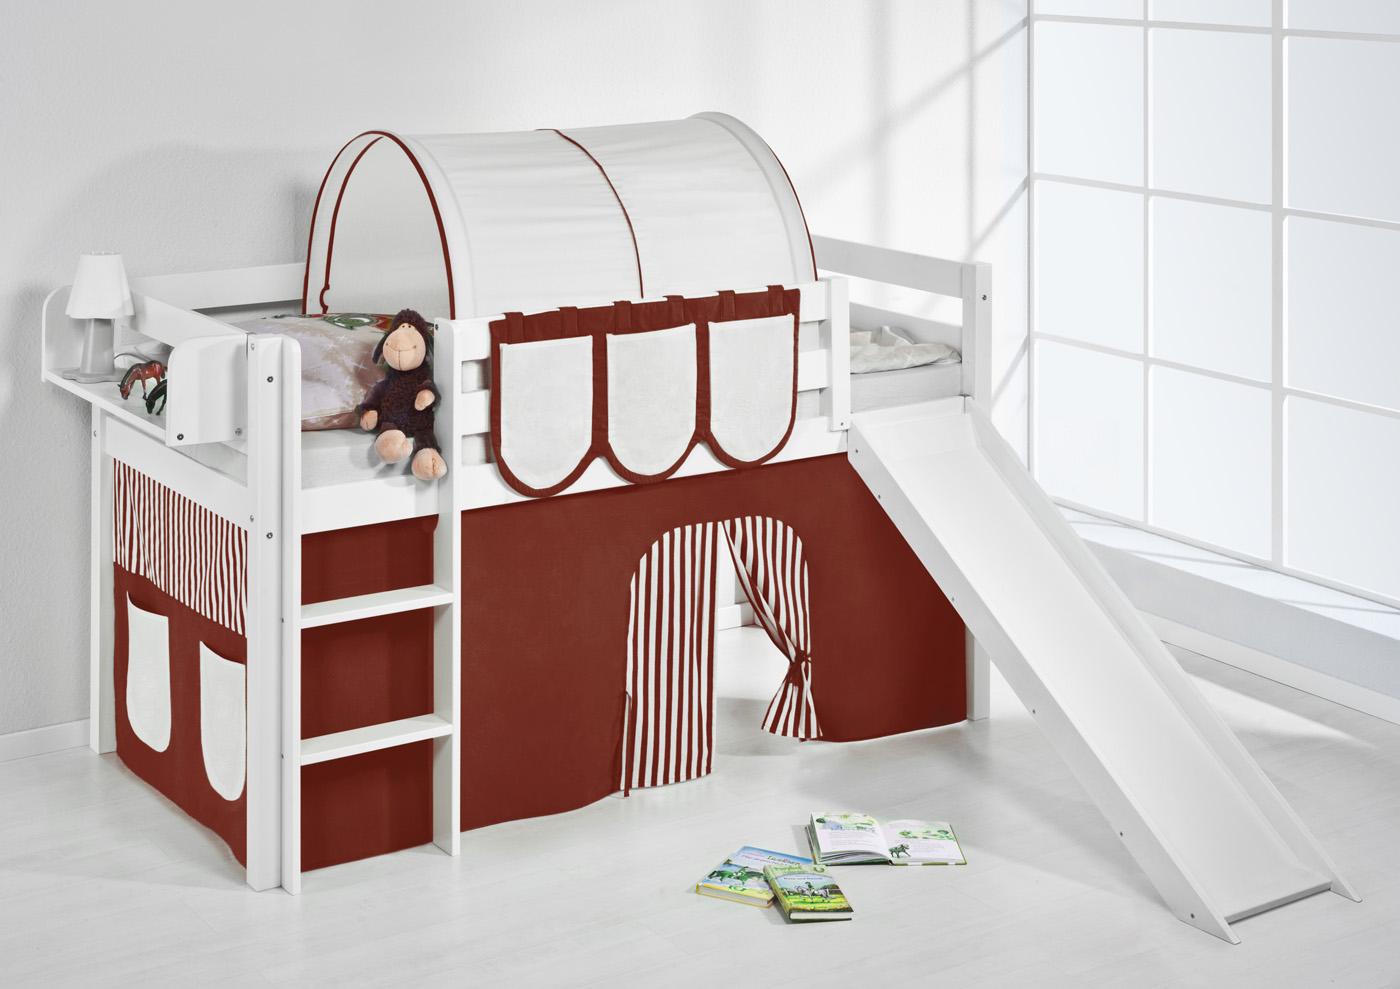 Vorhang Etagenbett Kinder : Vorhang hochbett ikea schön vorhänge für kinder bild planen